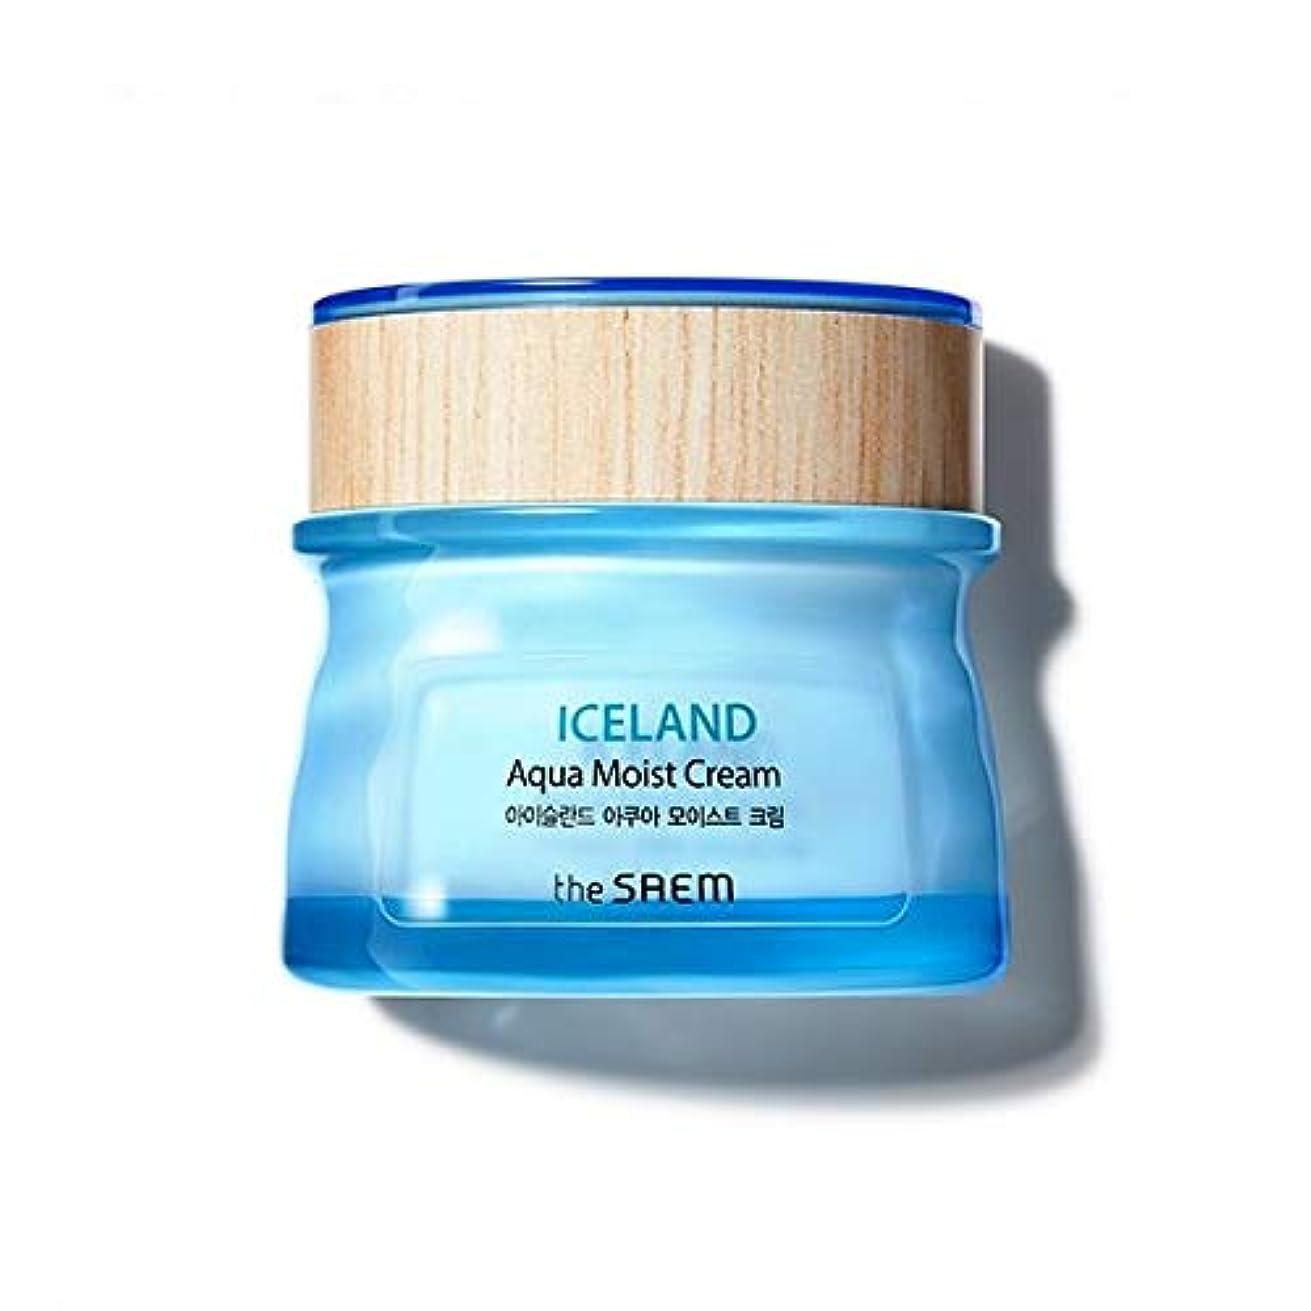 インディカ療法時代遅れThe saem Iceland Apua Moist Cream ザセム アイスランド アクア モイスト クリーム 60ml [並行輸入品]